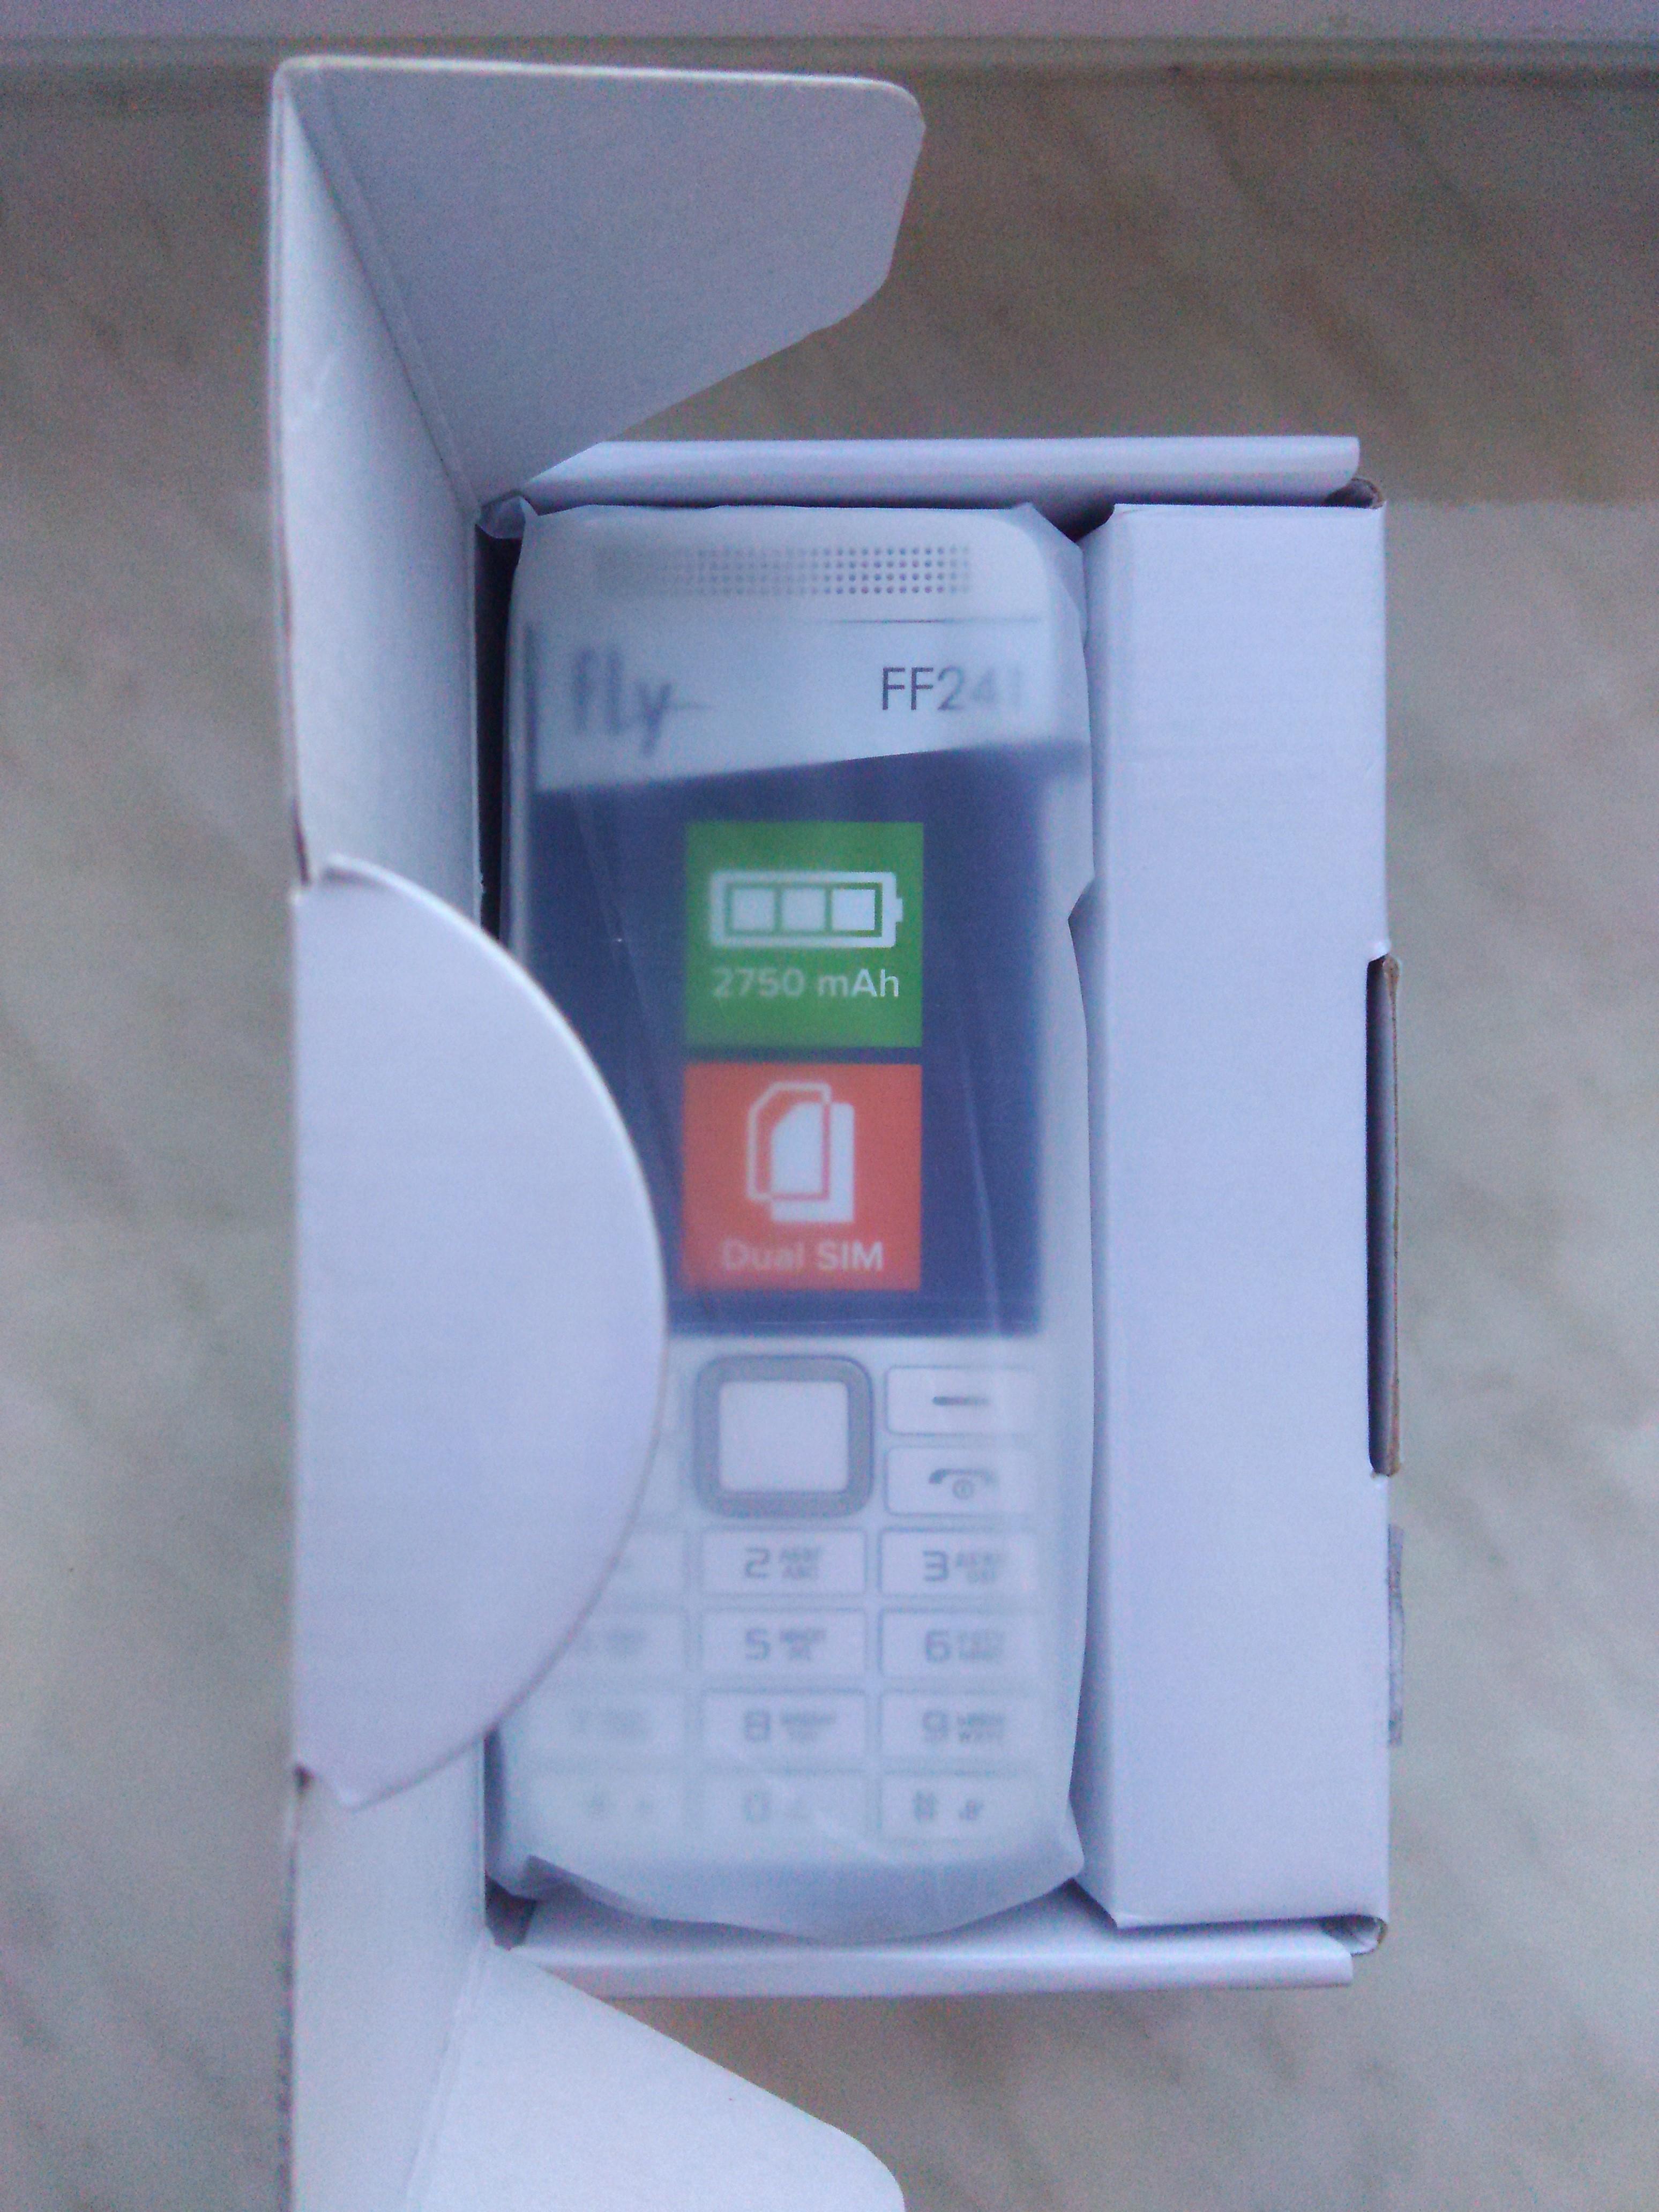 Сам телефон, пока еще в фабричной упаковке